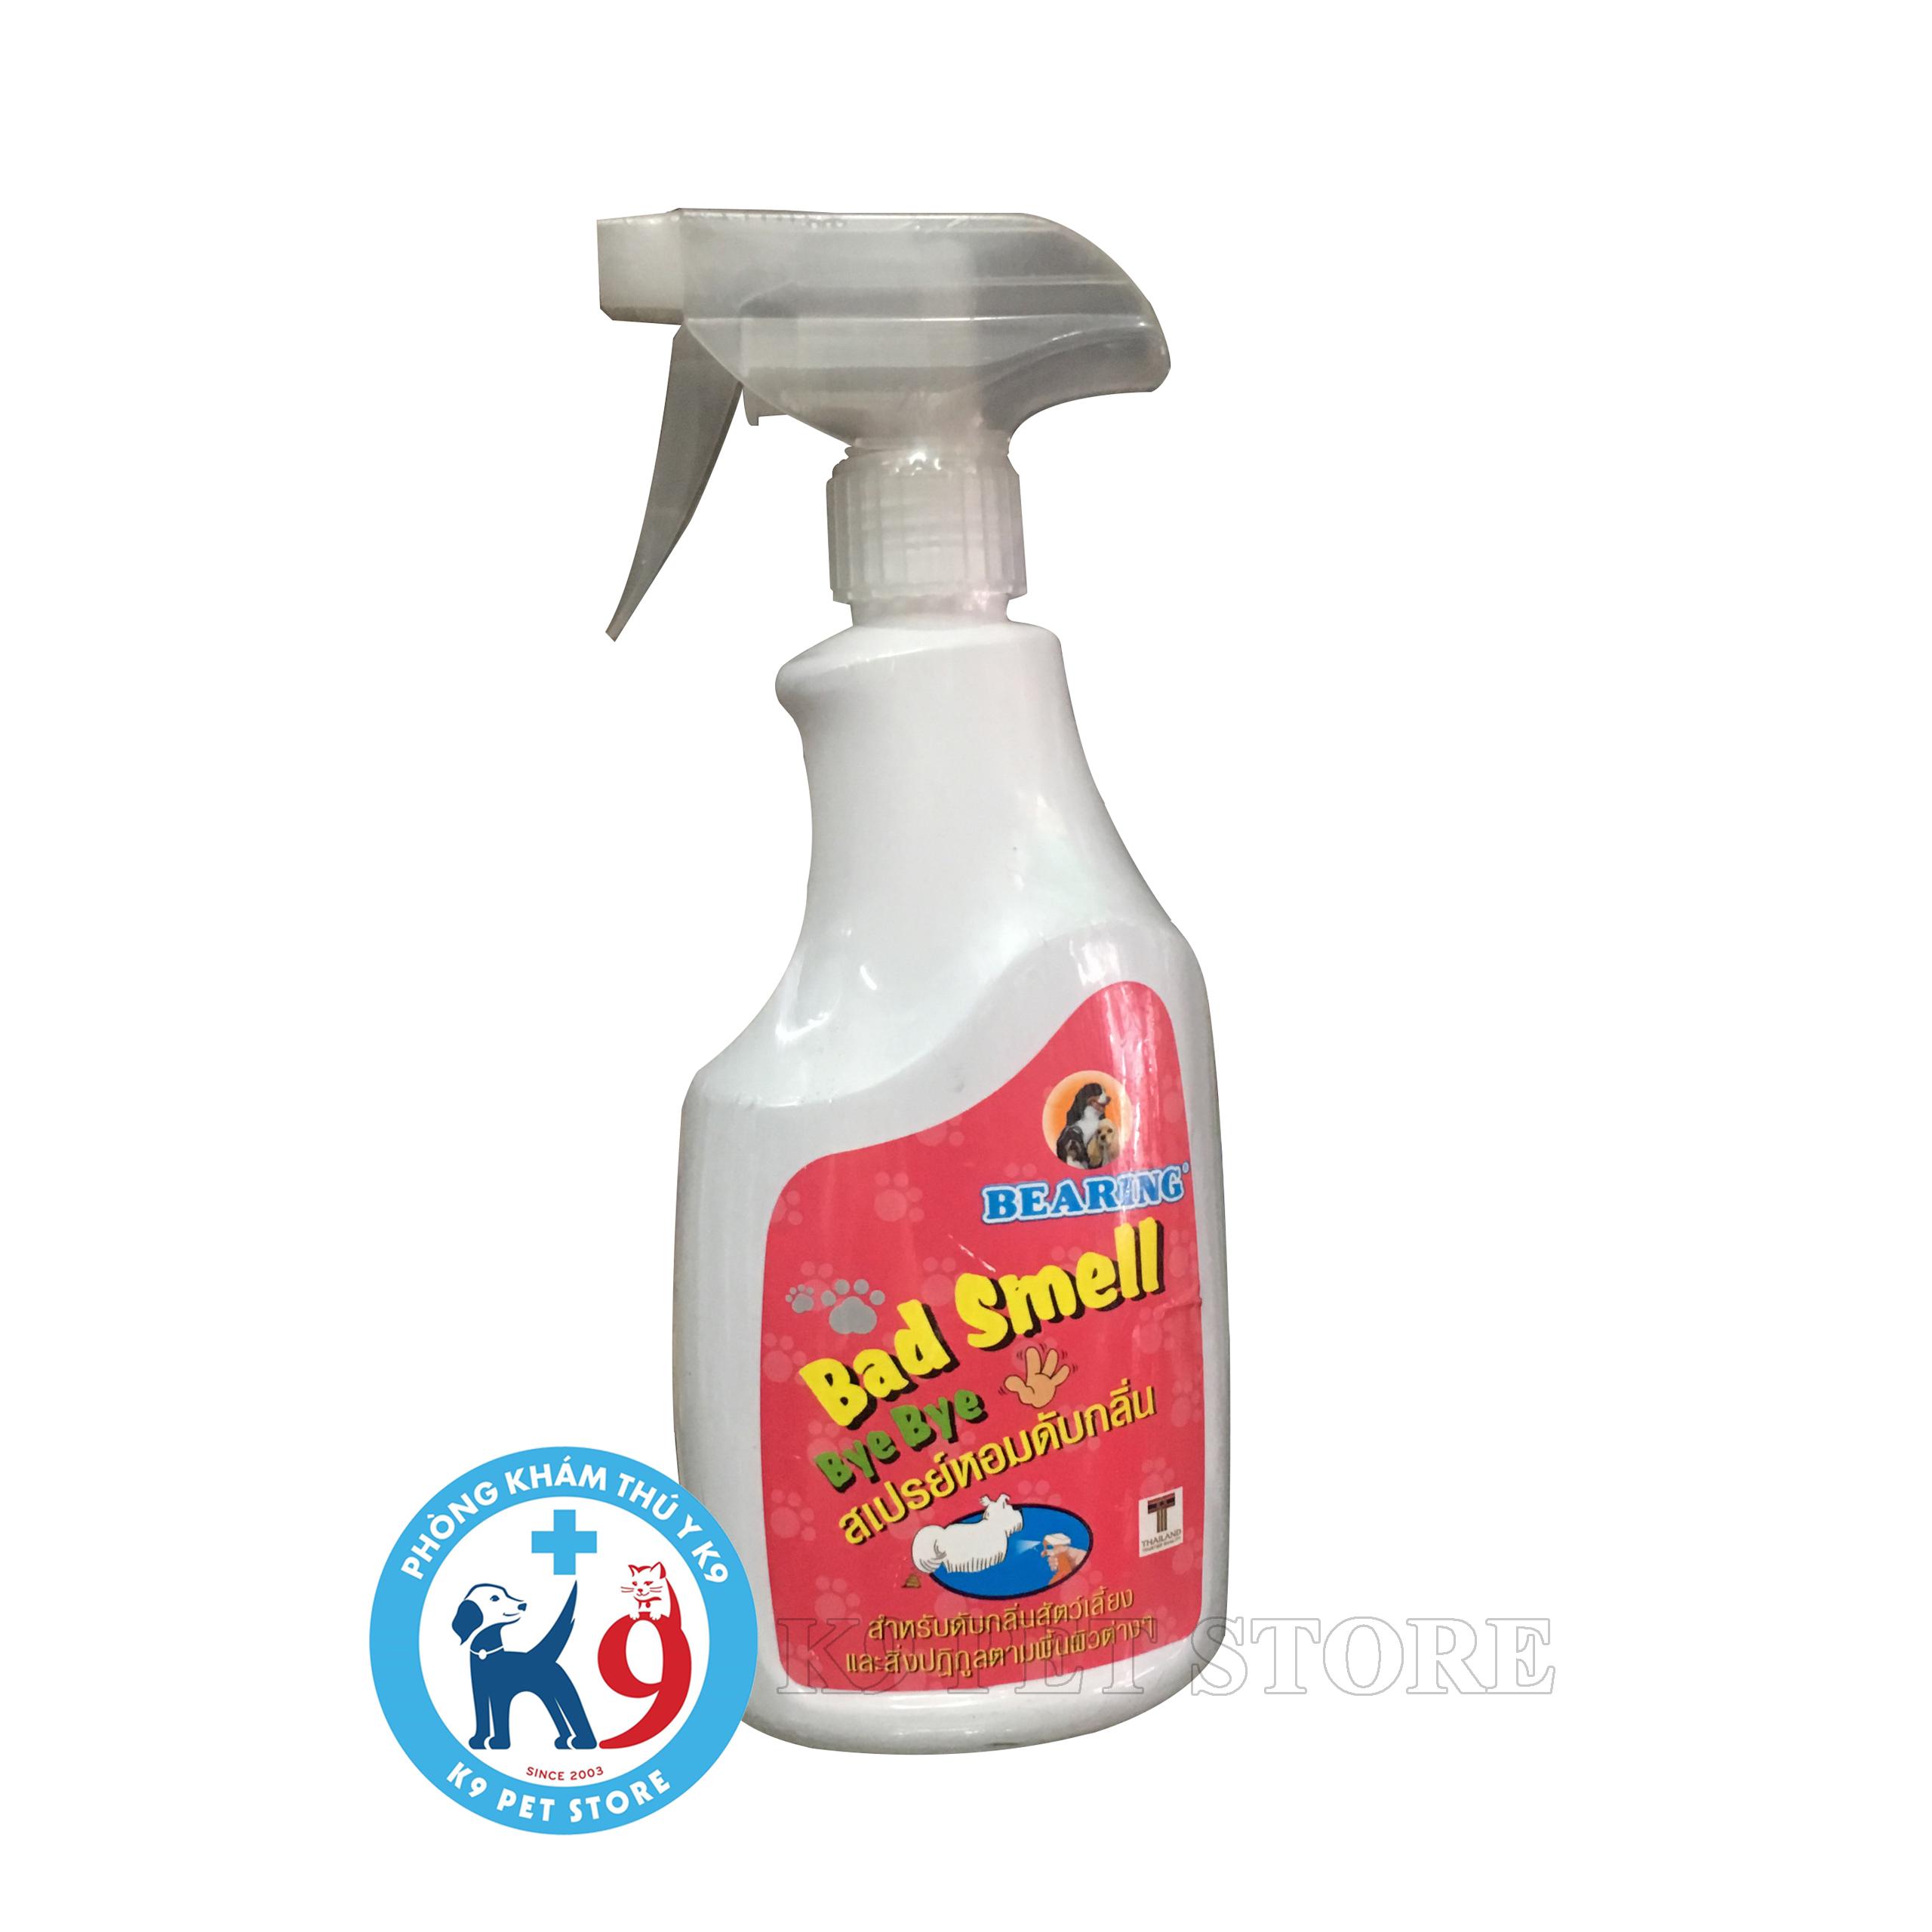 Bearing Bye Bye Bad Smell Spray - Chai xịt khử mùi thú cưng